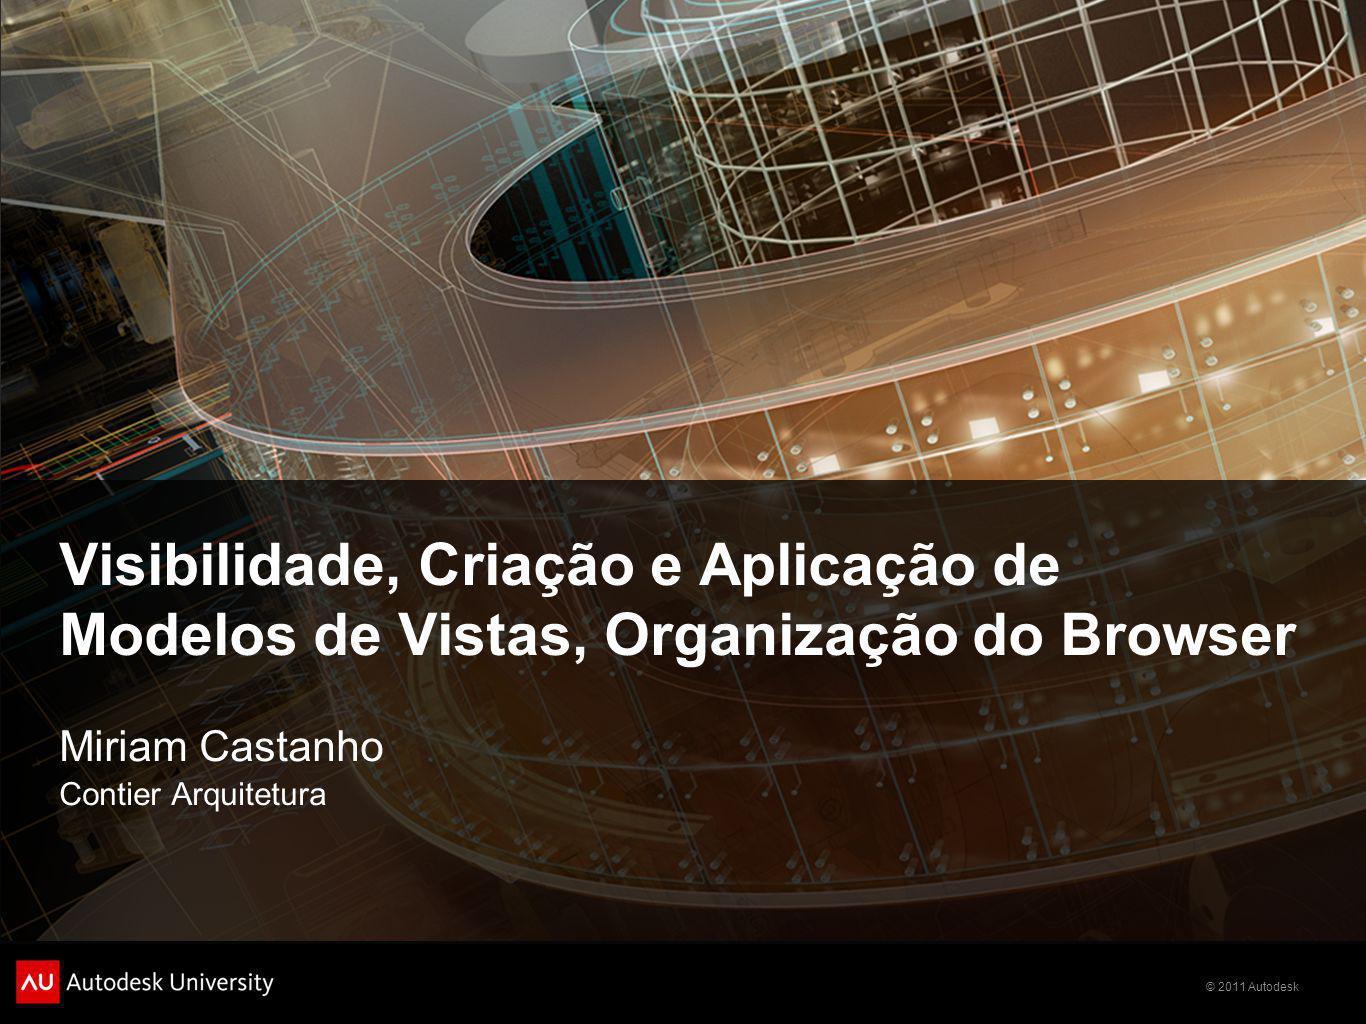 © 2011 Autodesk Visibilidade, Criação e Aplicação de Modelos de Vistas, Organização do Browser Miriam Castanho Contier Arquitetura